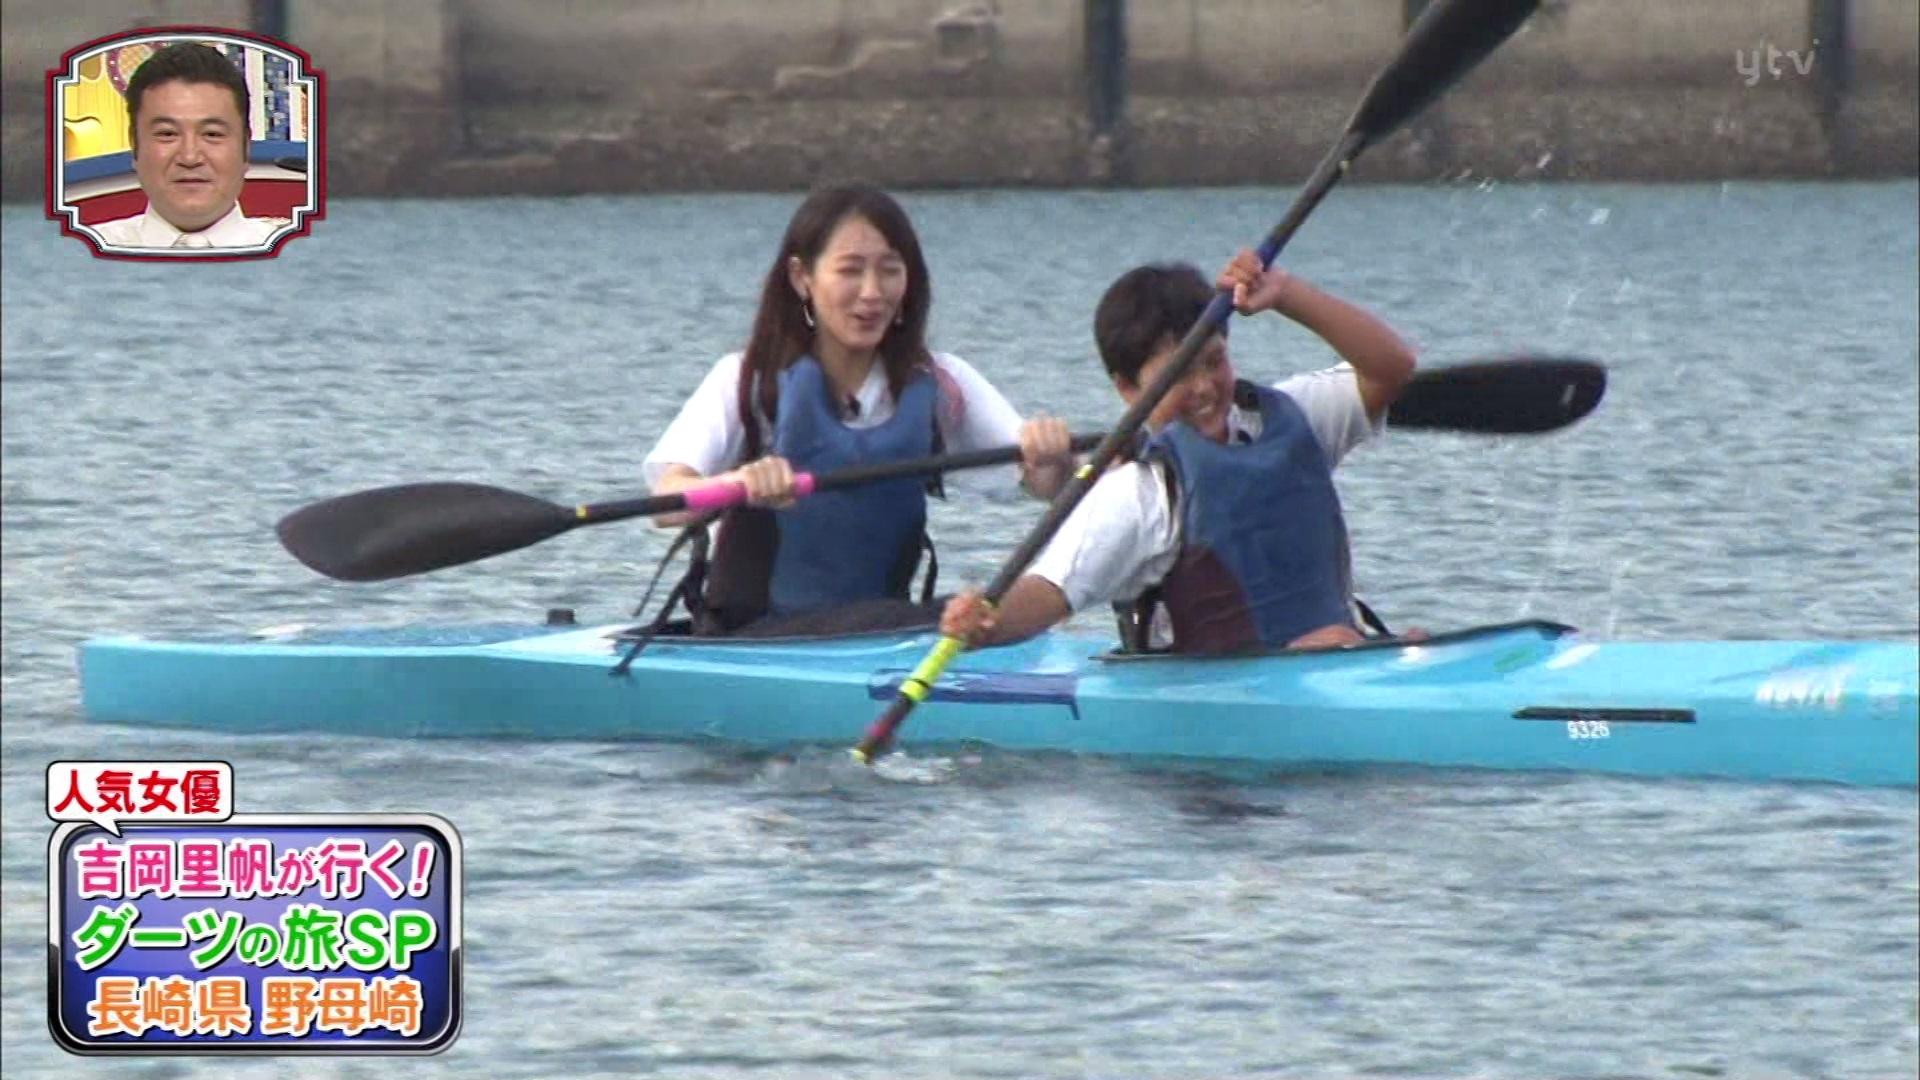 笑ってコラえて!10月3時間SP・吉岡里帆さんのテレビキャプチャー画像-275